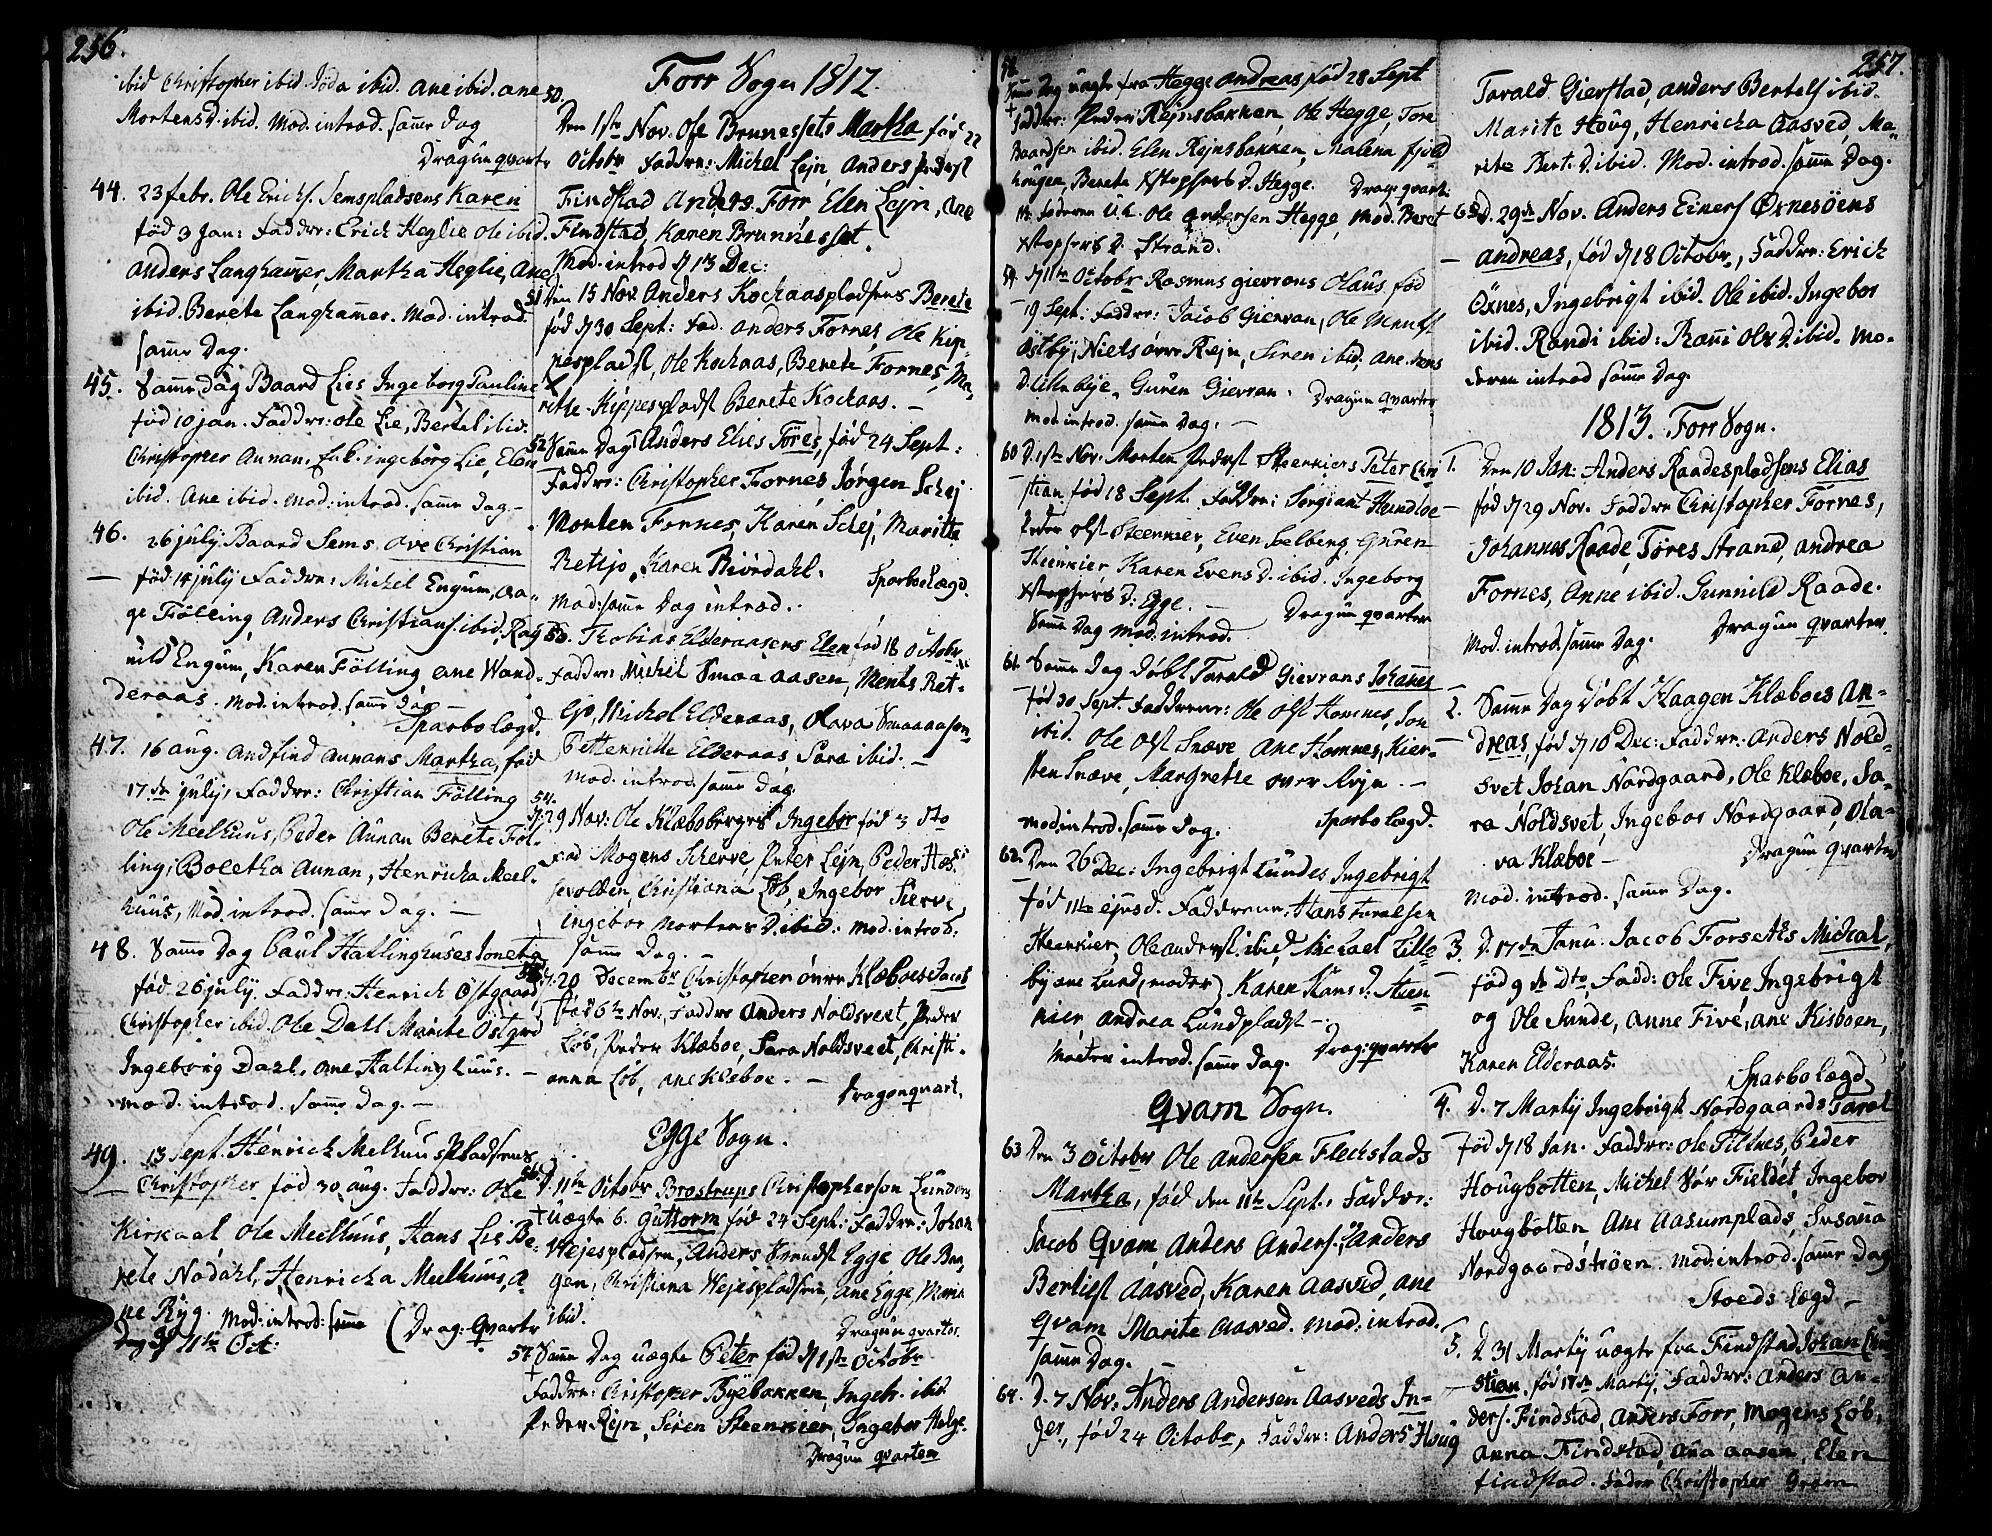 SAT, Ministerialprotokoller, klokkerbøker og fødselsregistre - Nord-Trøndelag, 746/L0440: Ministerialbok nr. 746A02, 1760-1815, s. 256-257